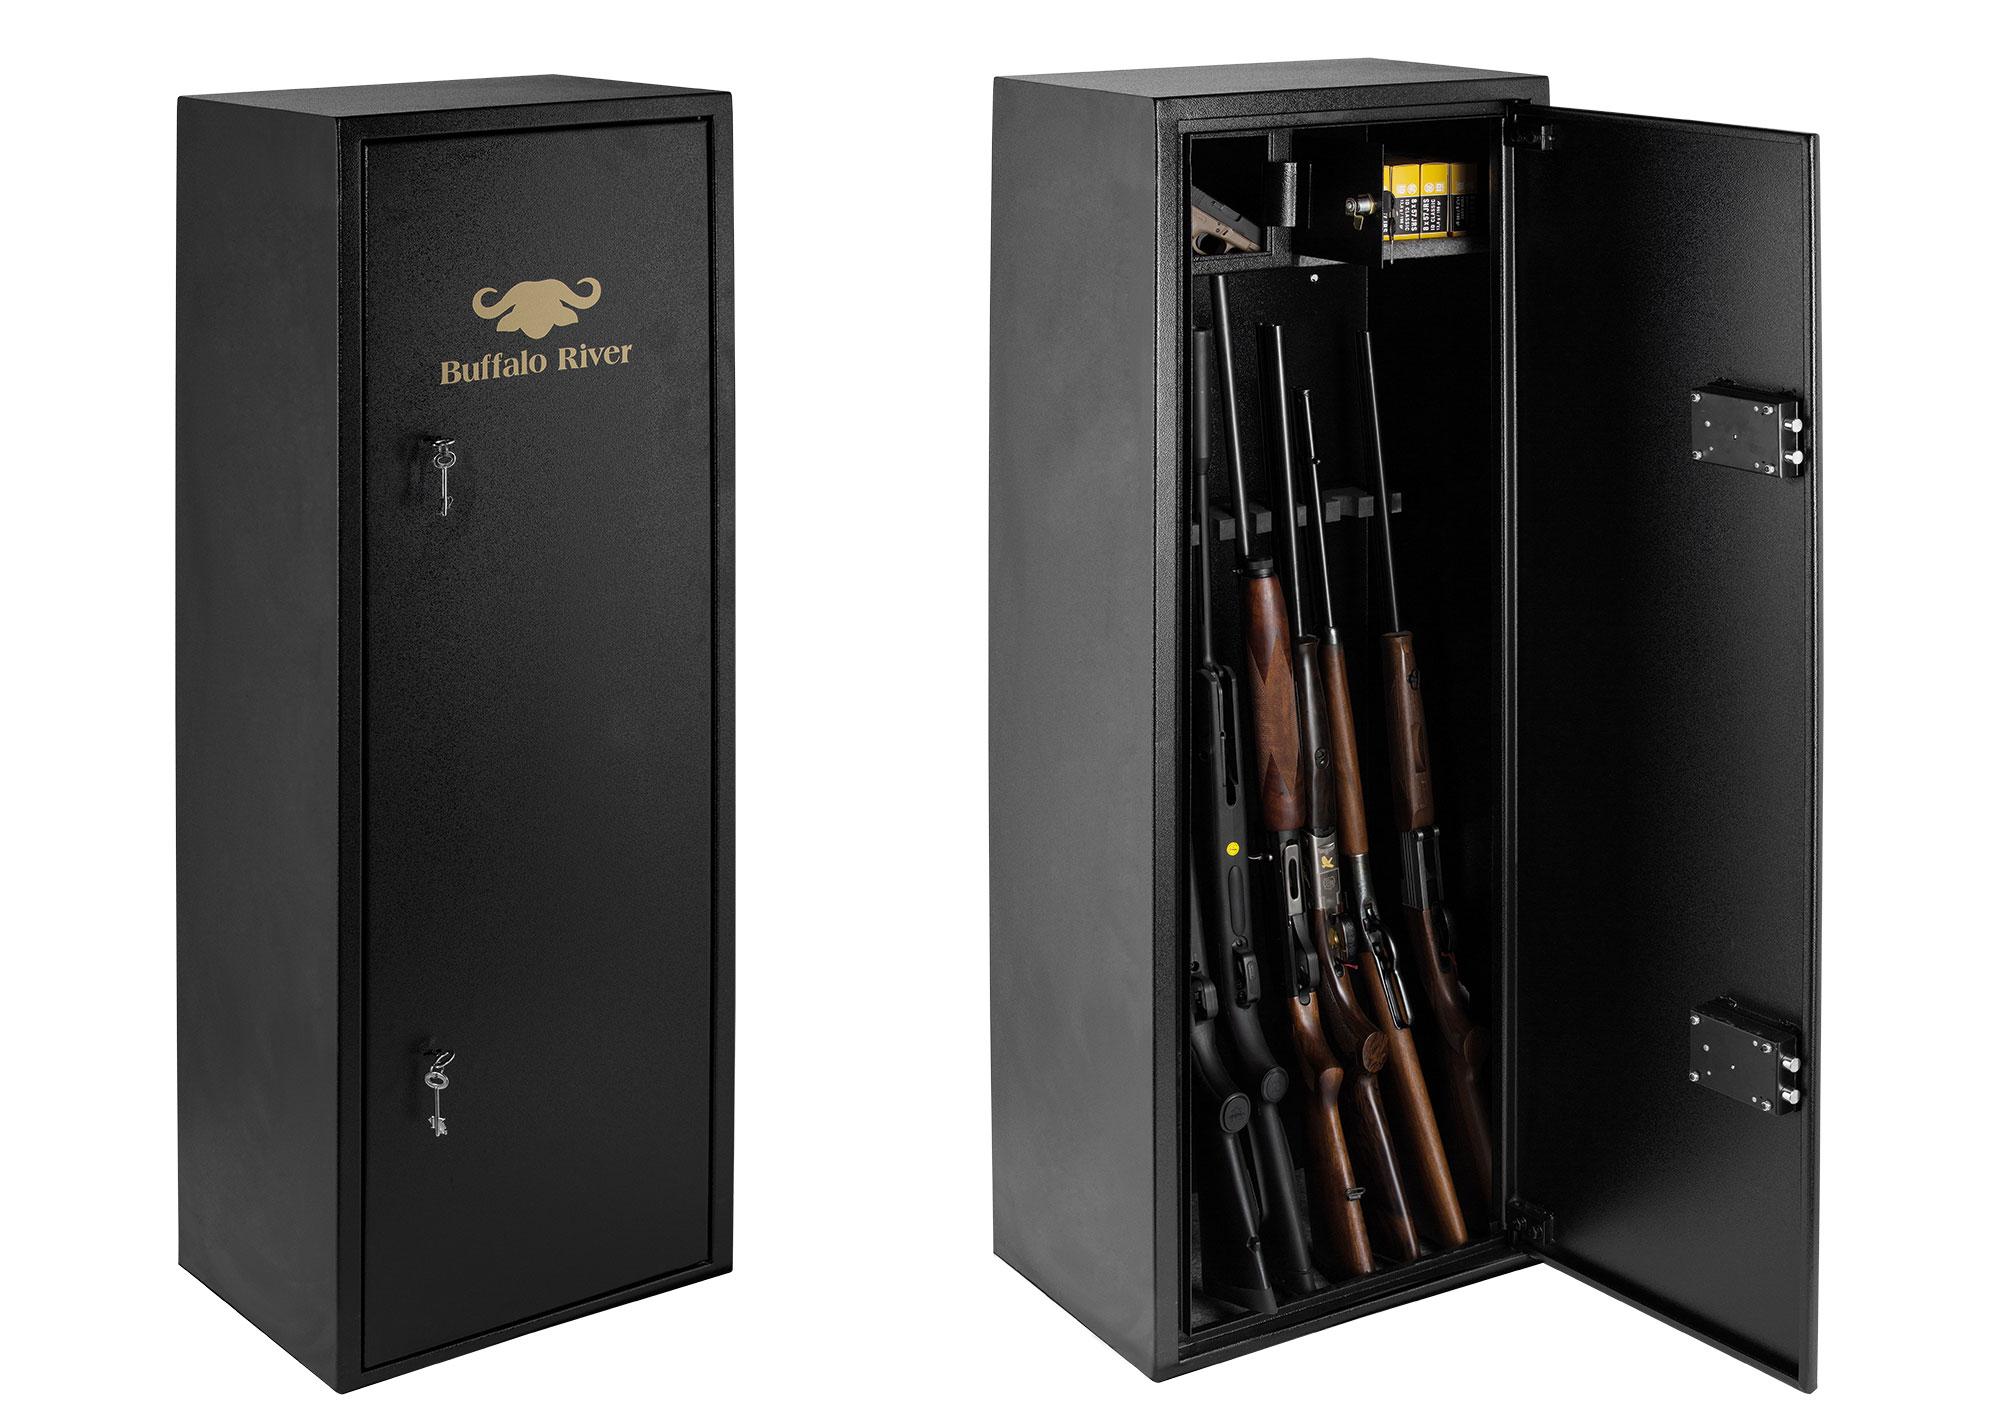 Coffre fort pour armes en normandie calvados orne ou manche 14700 falaise armoire fuisil - Armoire a fusil occasion ...